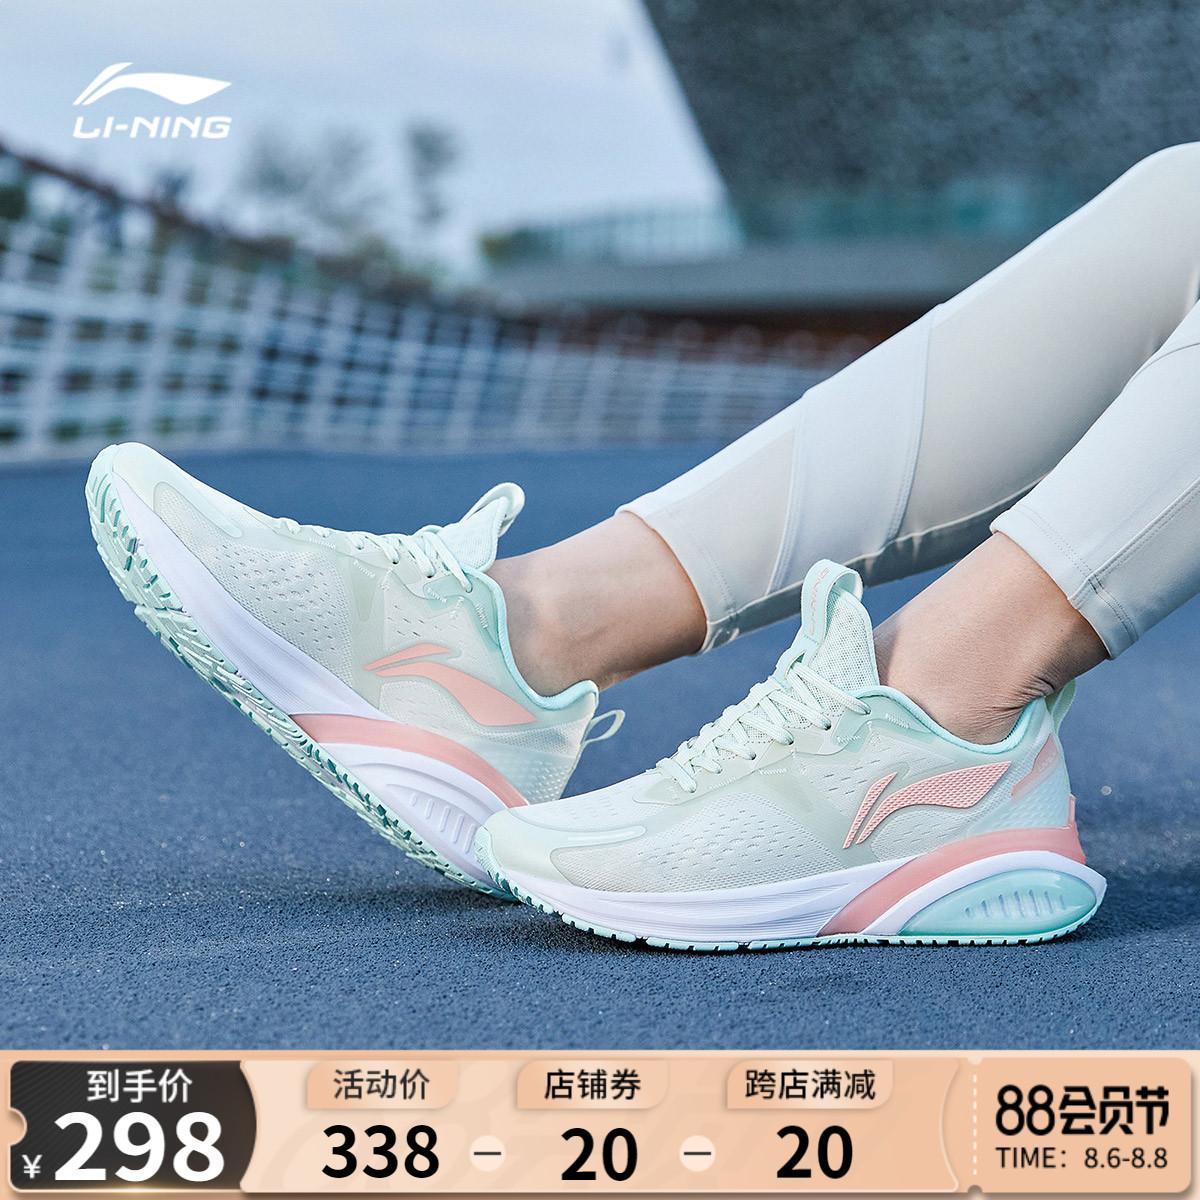 李宁云跑步鞋女夏季2021新款女鞋...